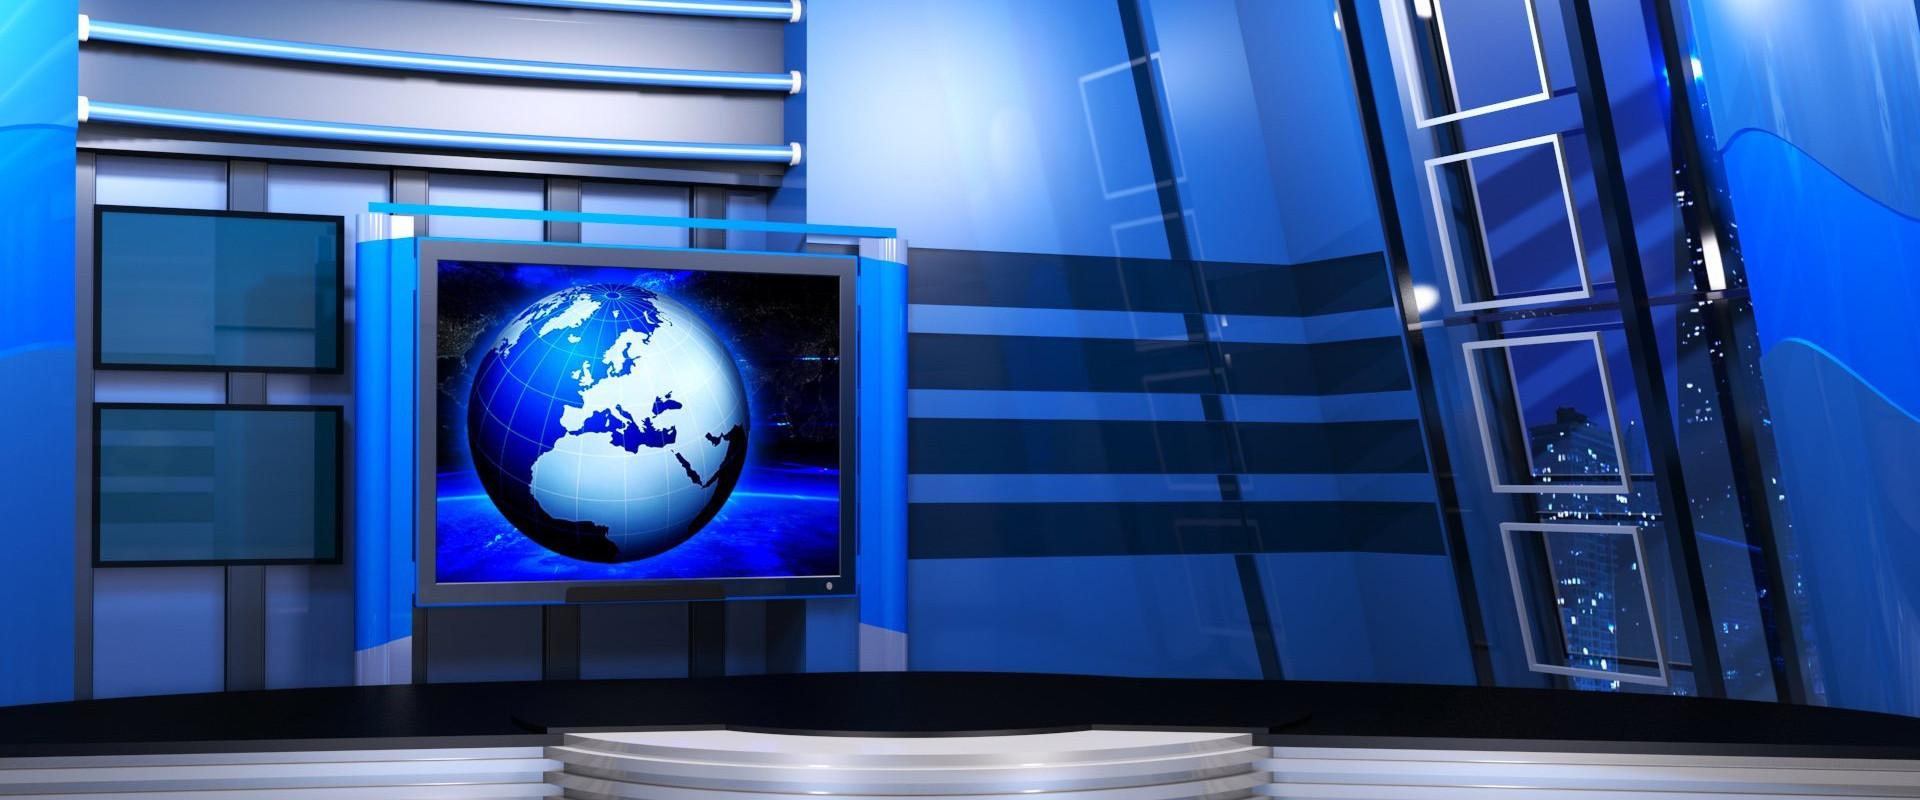 каналы онлайн прямой эфир